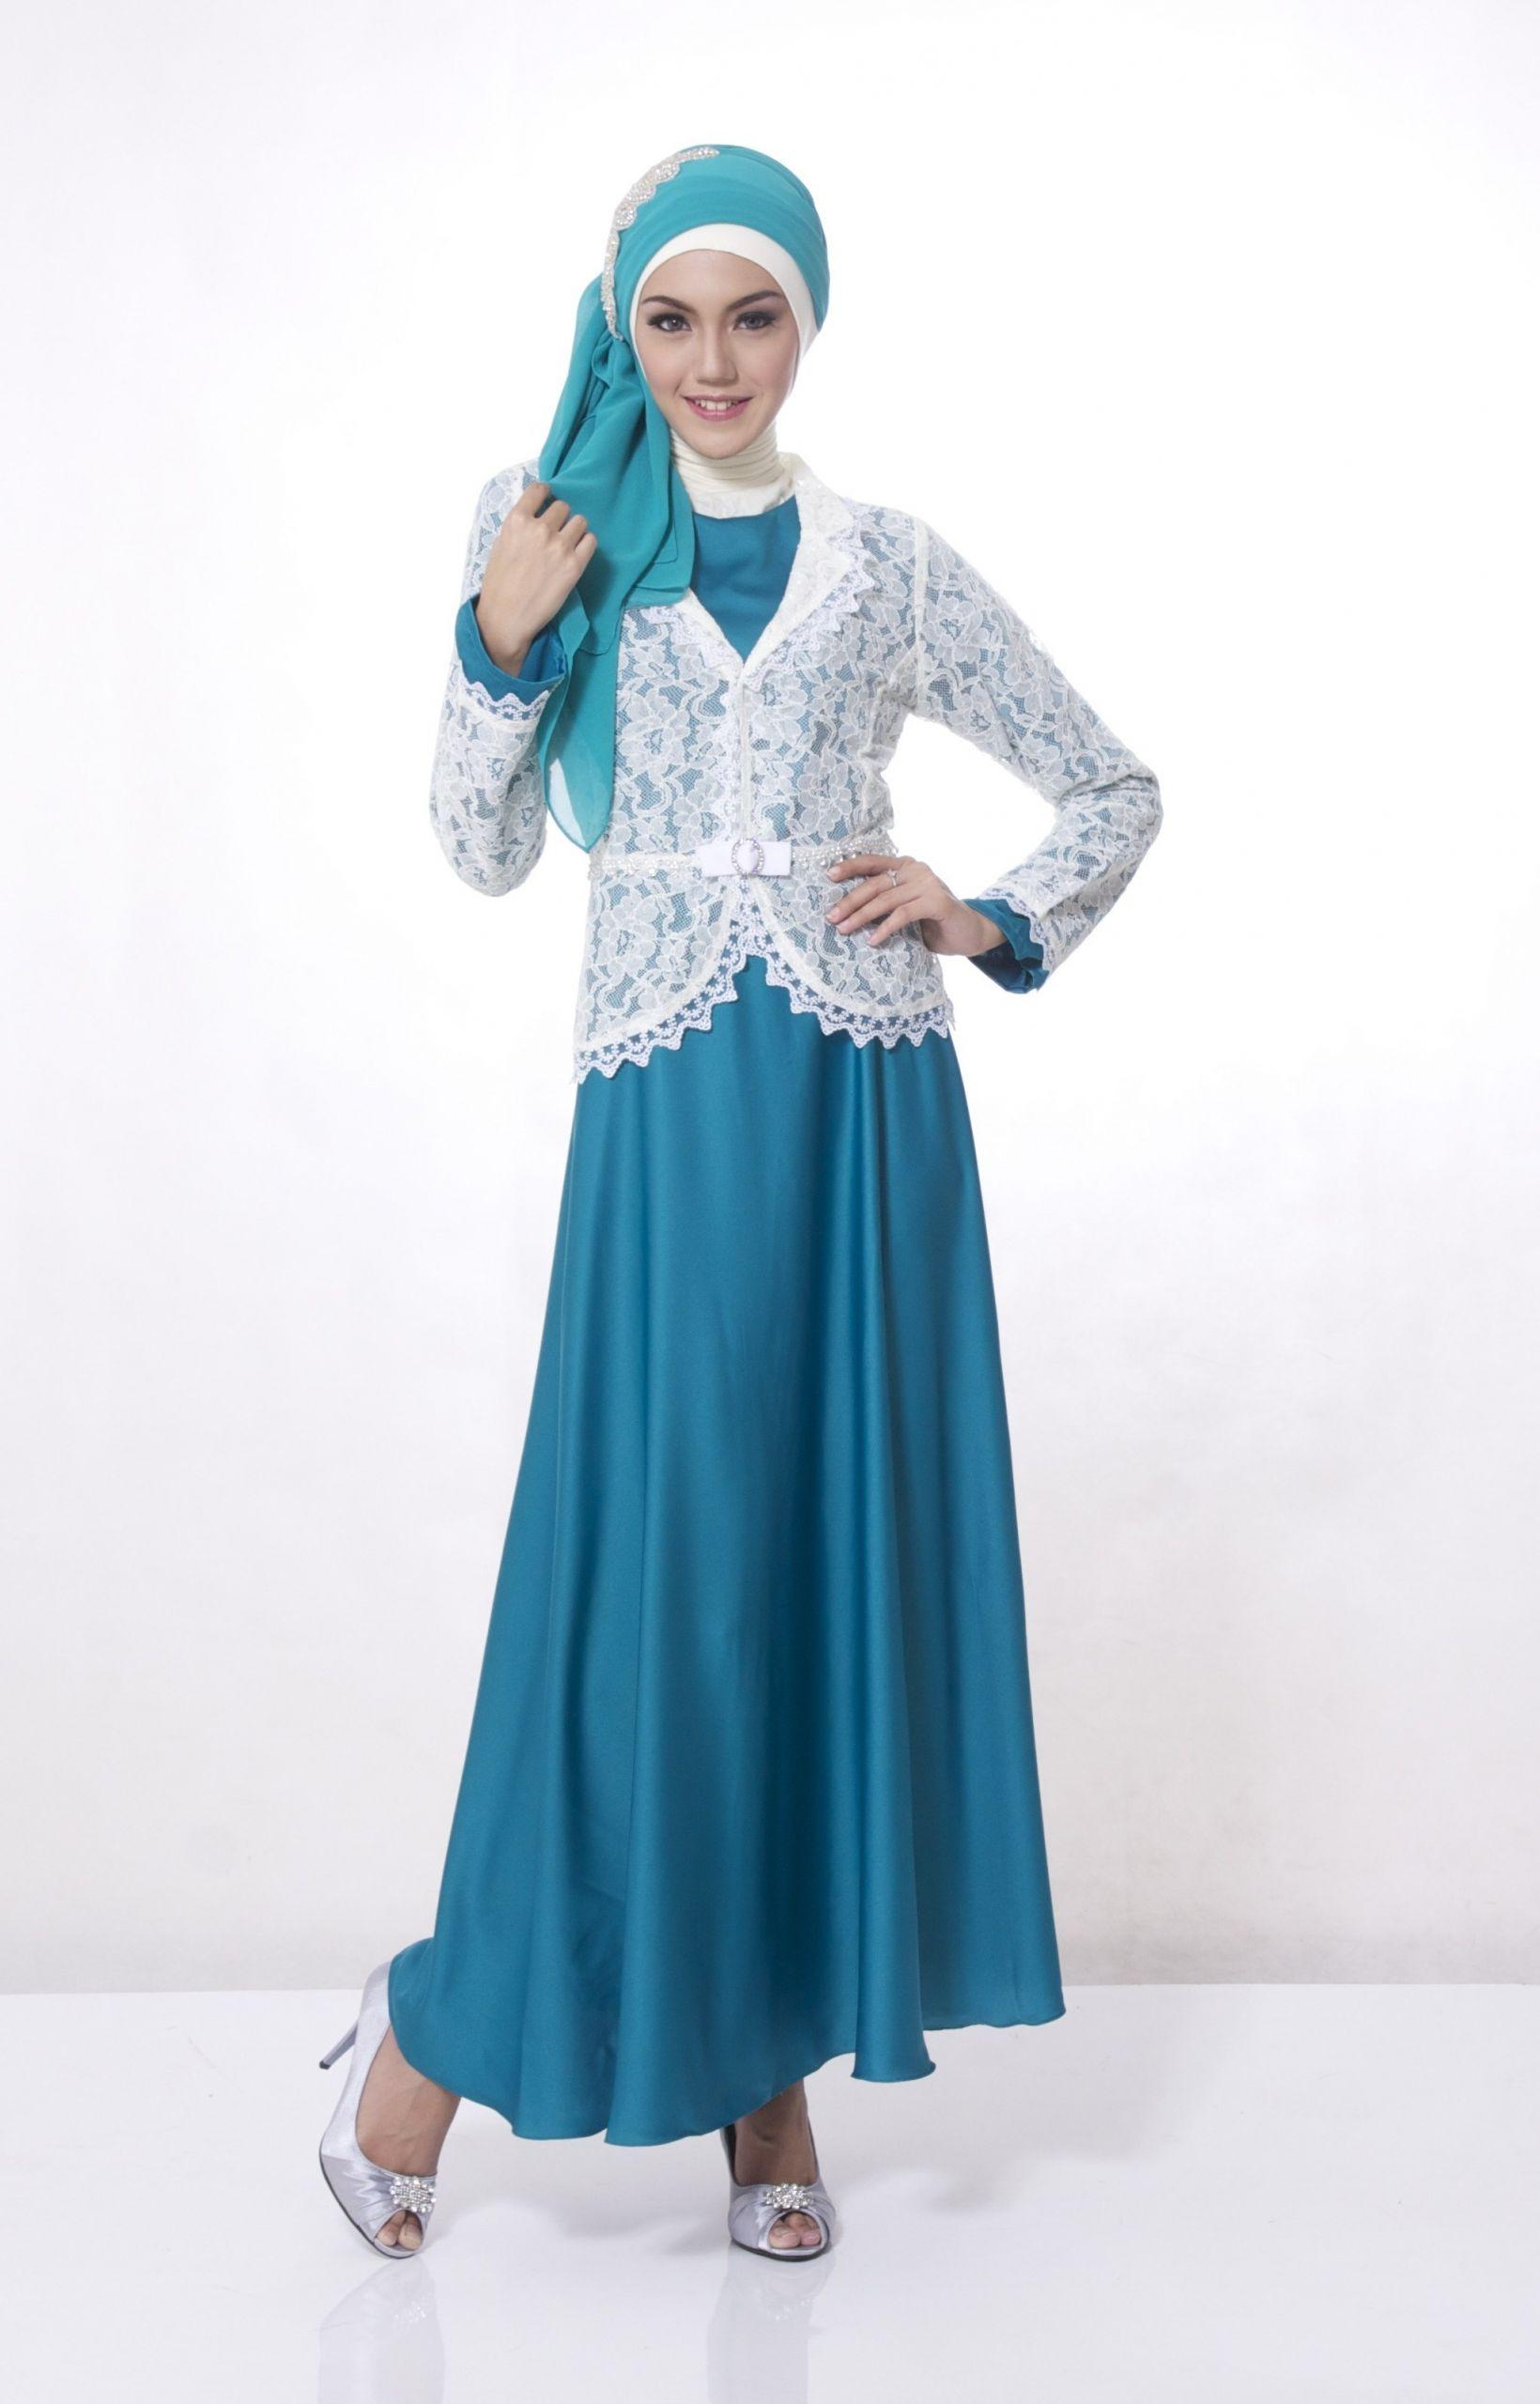 Model Motif Baju Lebaran Nkde Contoh Desain Baju Muslim Terbaru Di 2015 – Pipitfashion